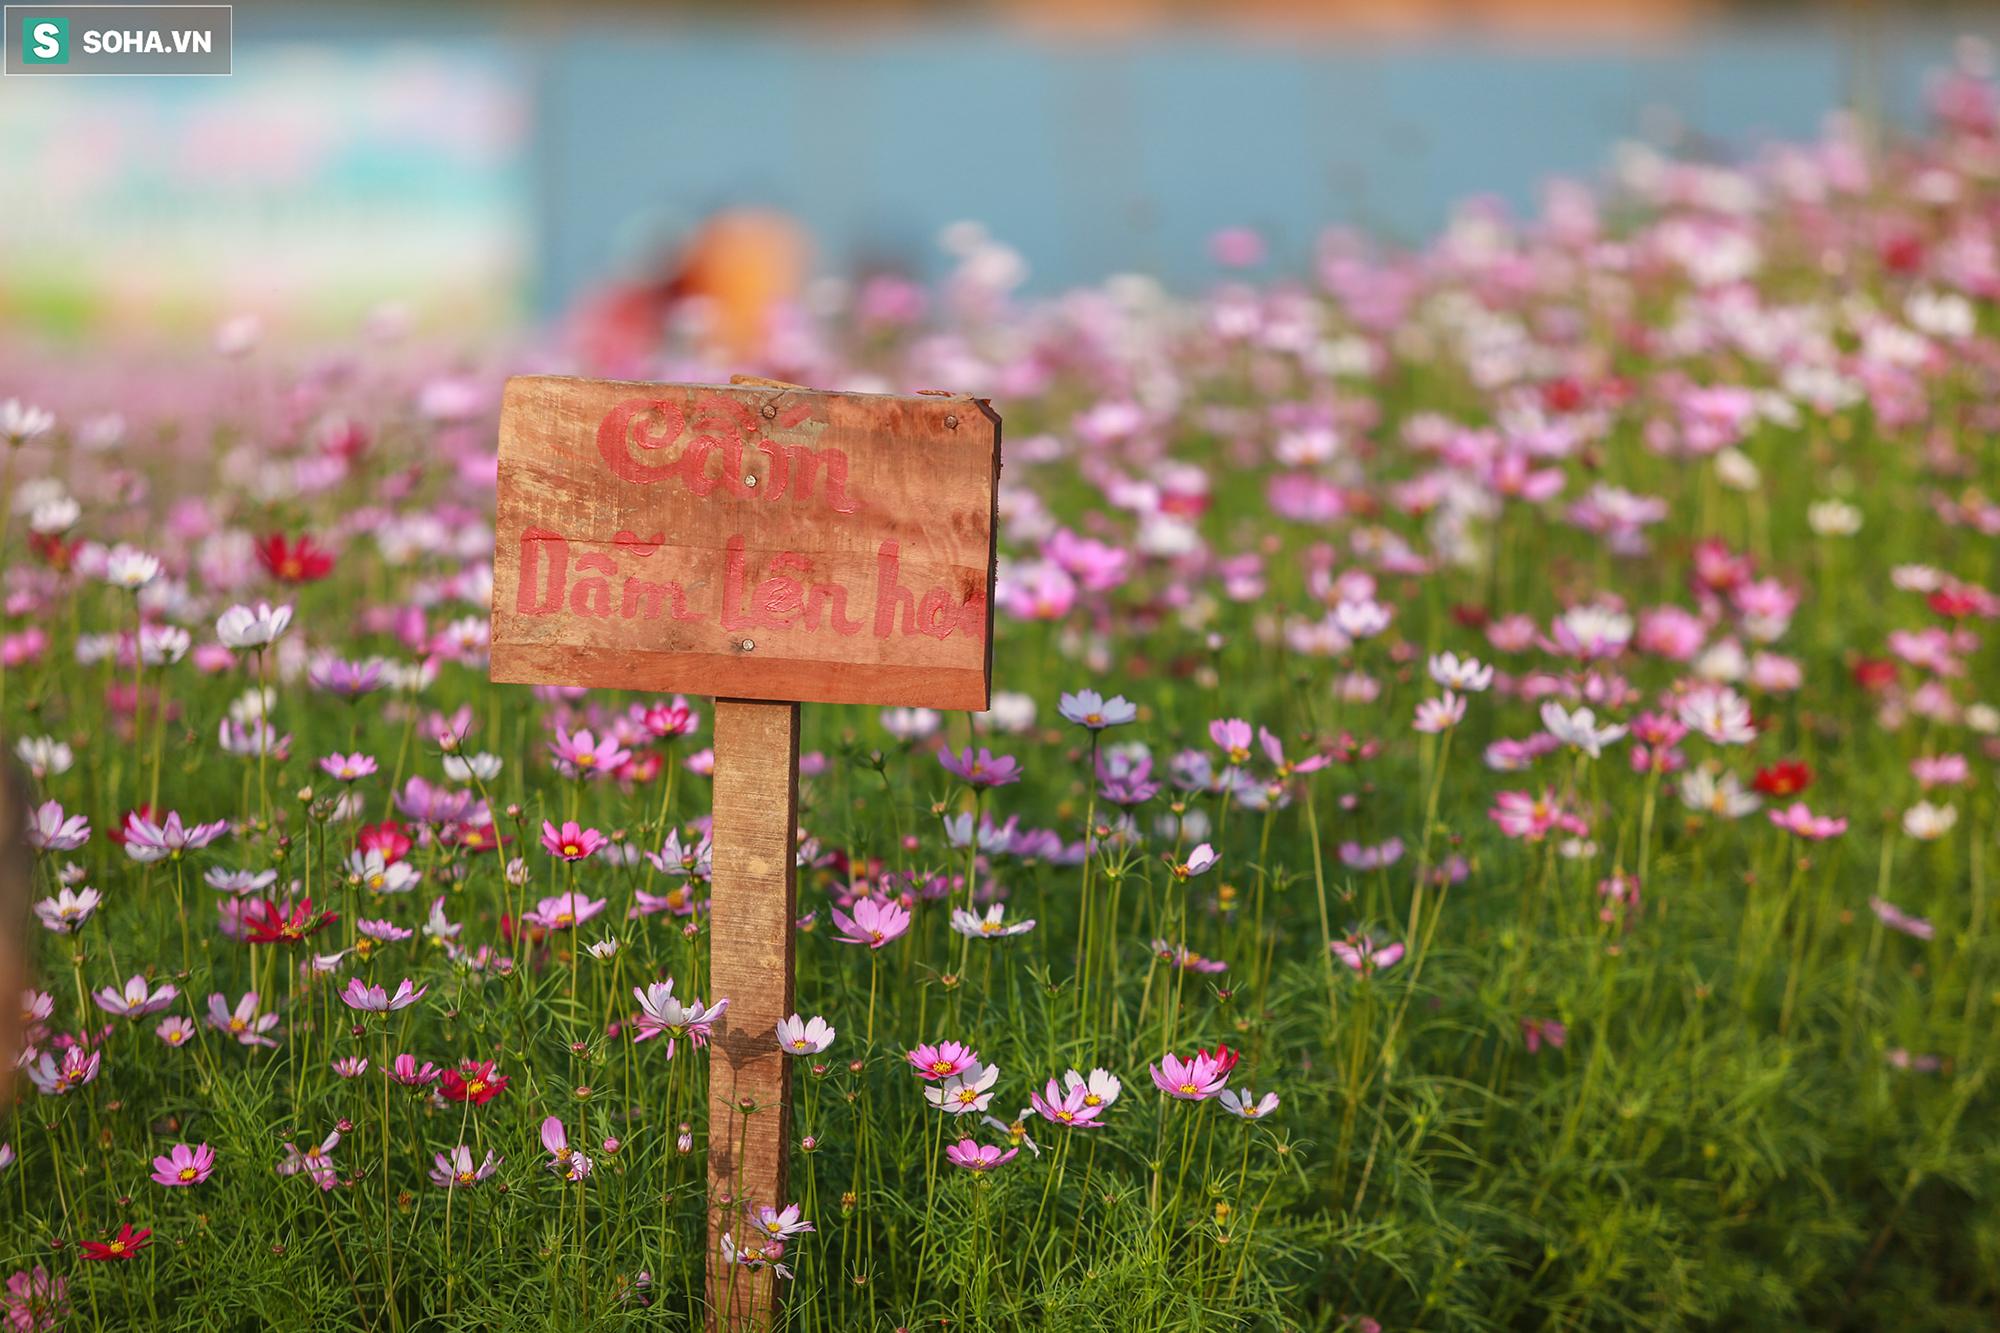 Mê mẩn cánh đồng hoa sao nhái đầy màu sắc được giới trẻ săn tìm để check-in ở Quảng Bình - Ảnh 7.